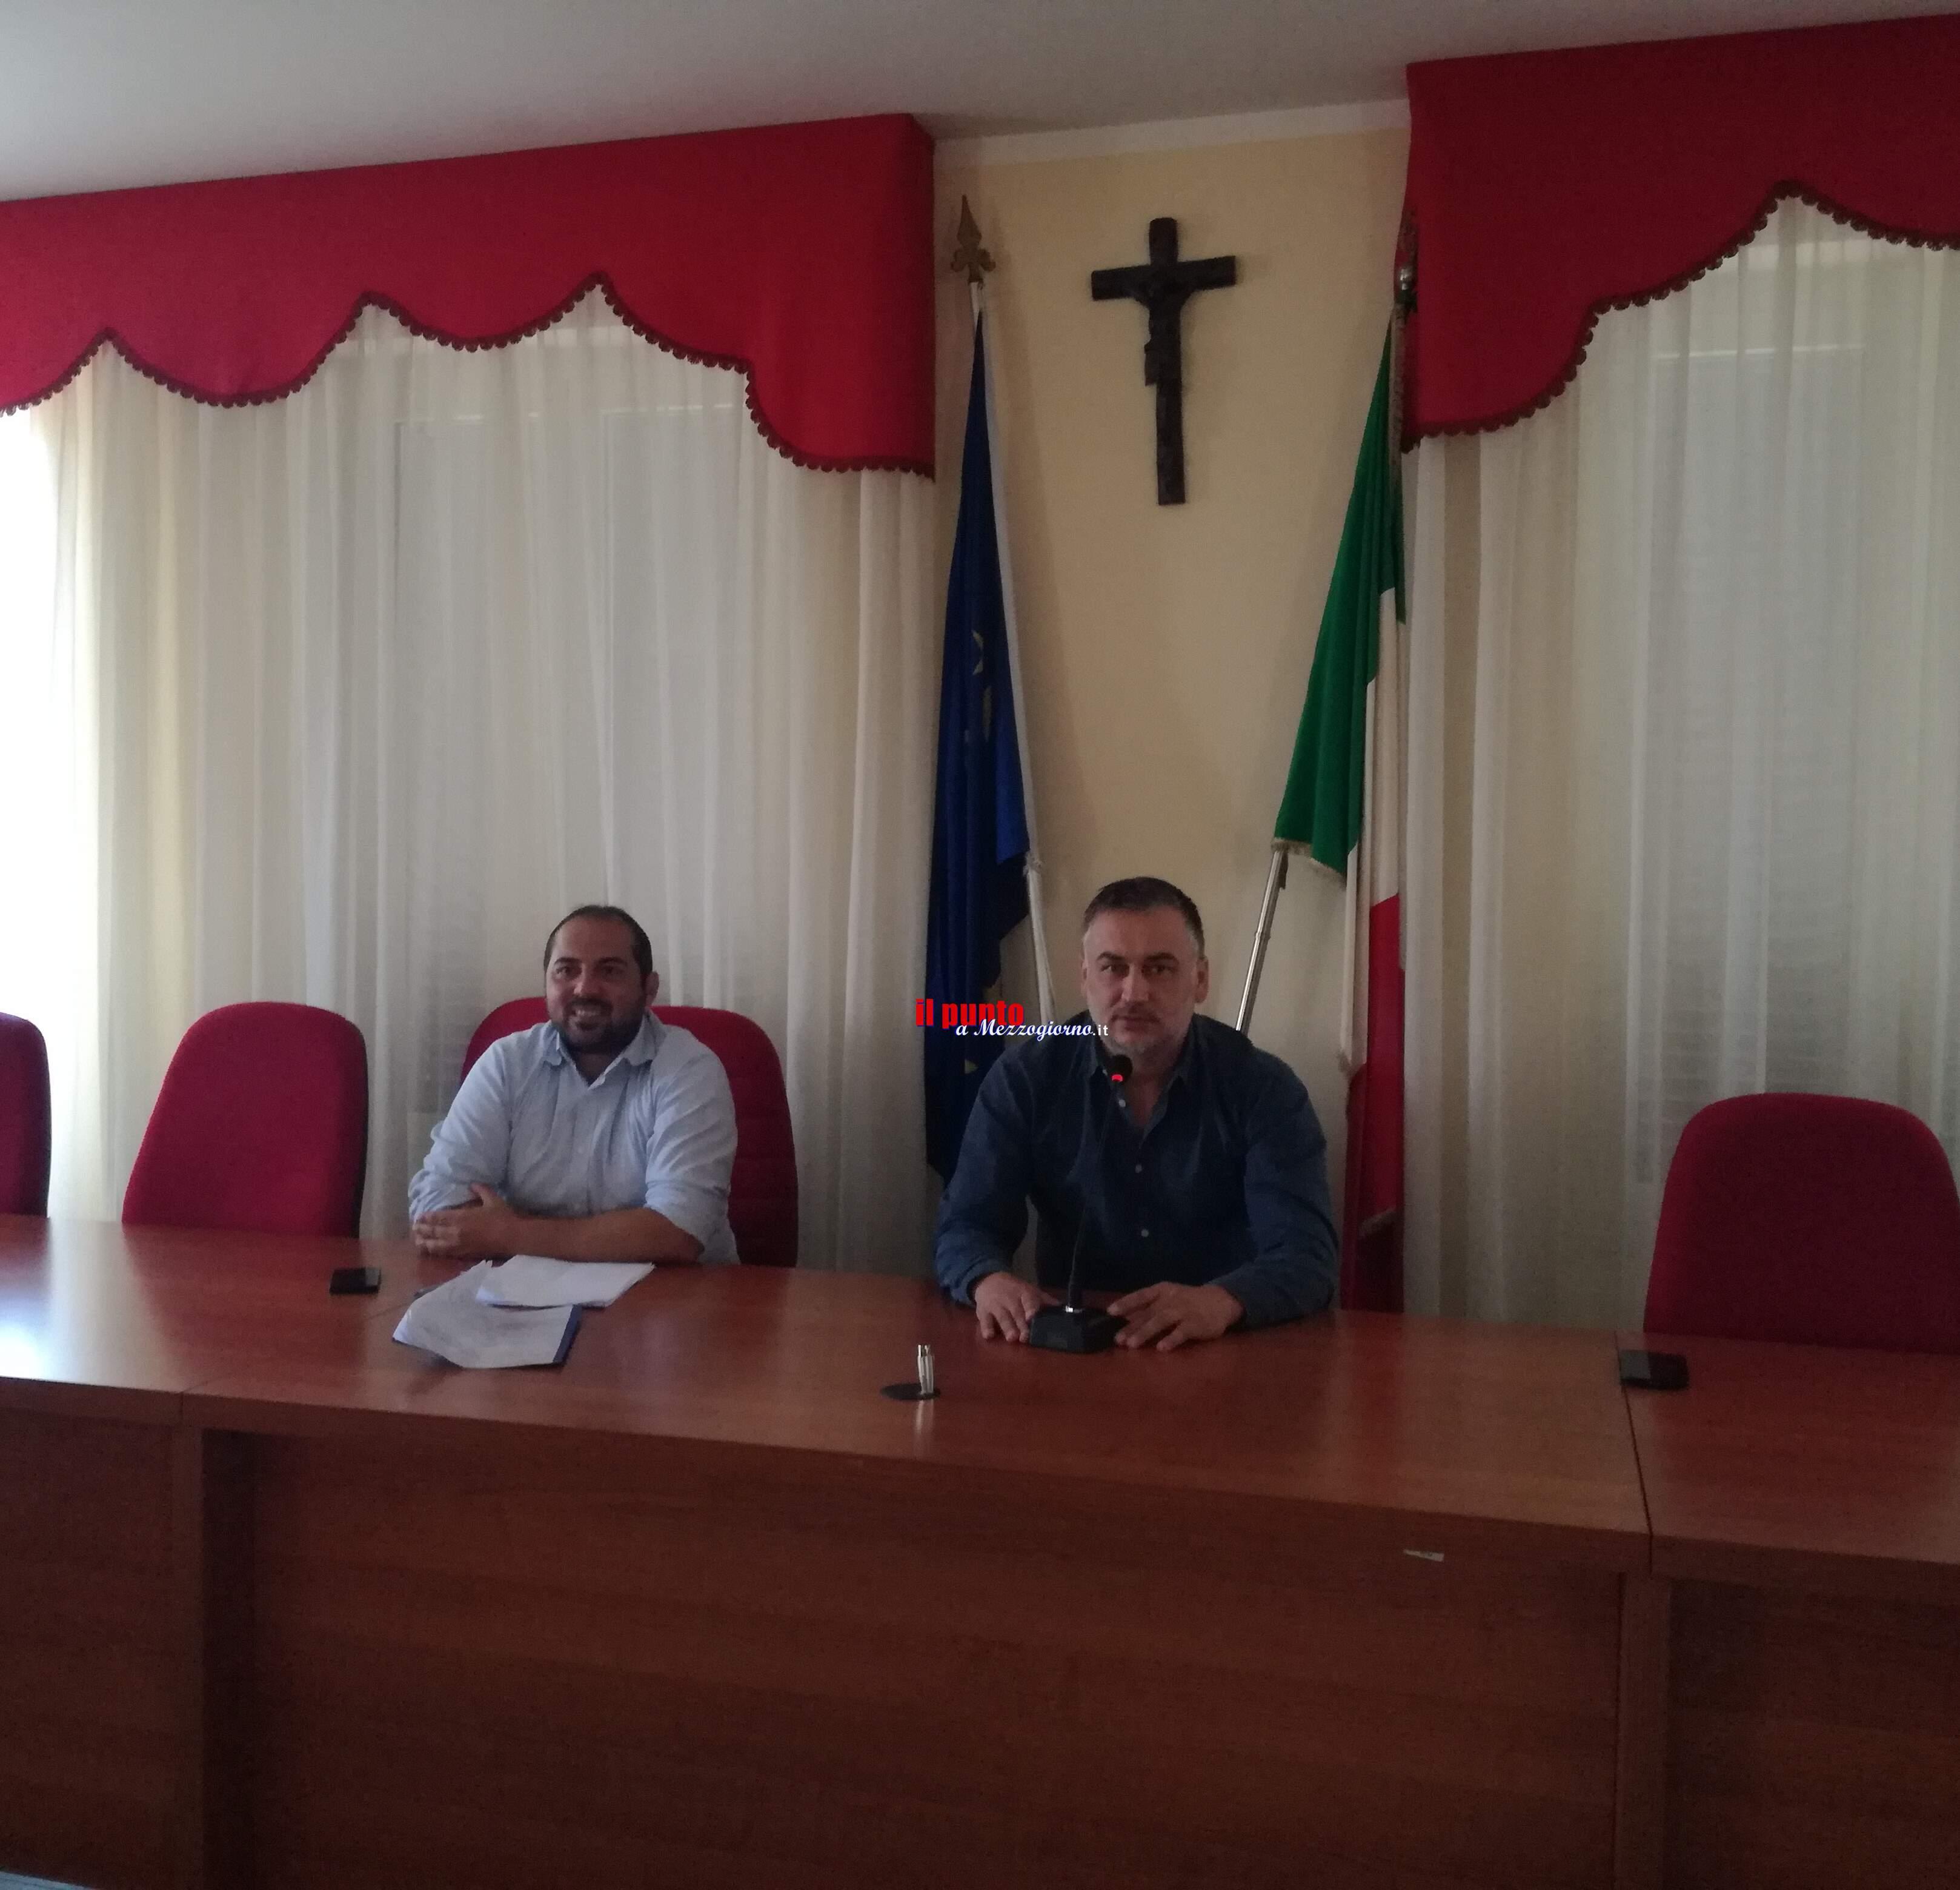 Presentata la società sportiva di calcio Real Piedimonte. Stamattina in comune con D'Alessandro e Roccaccino